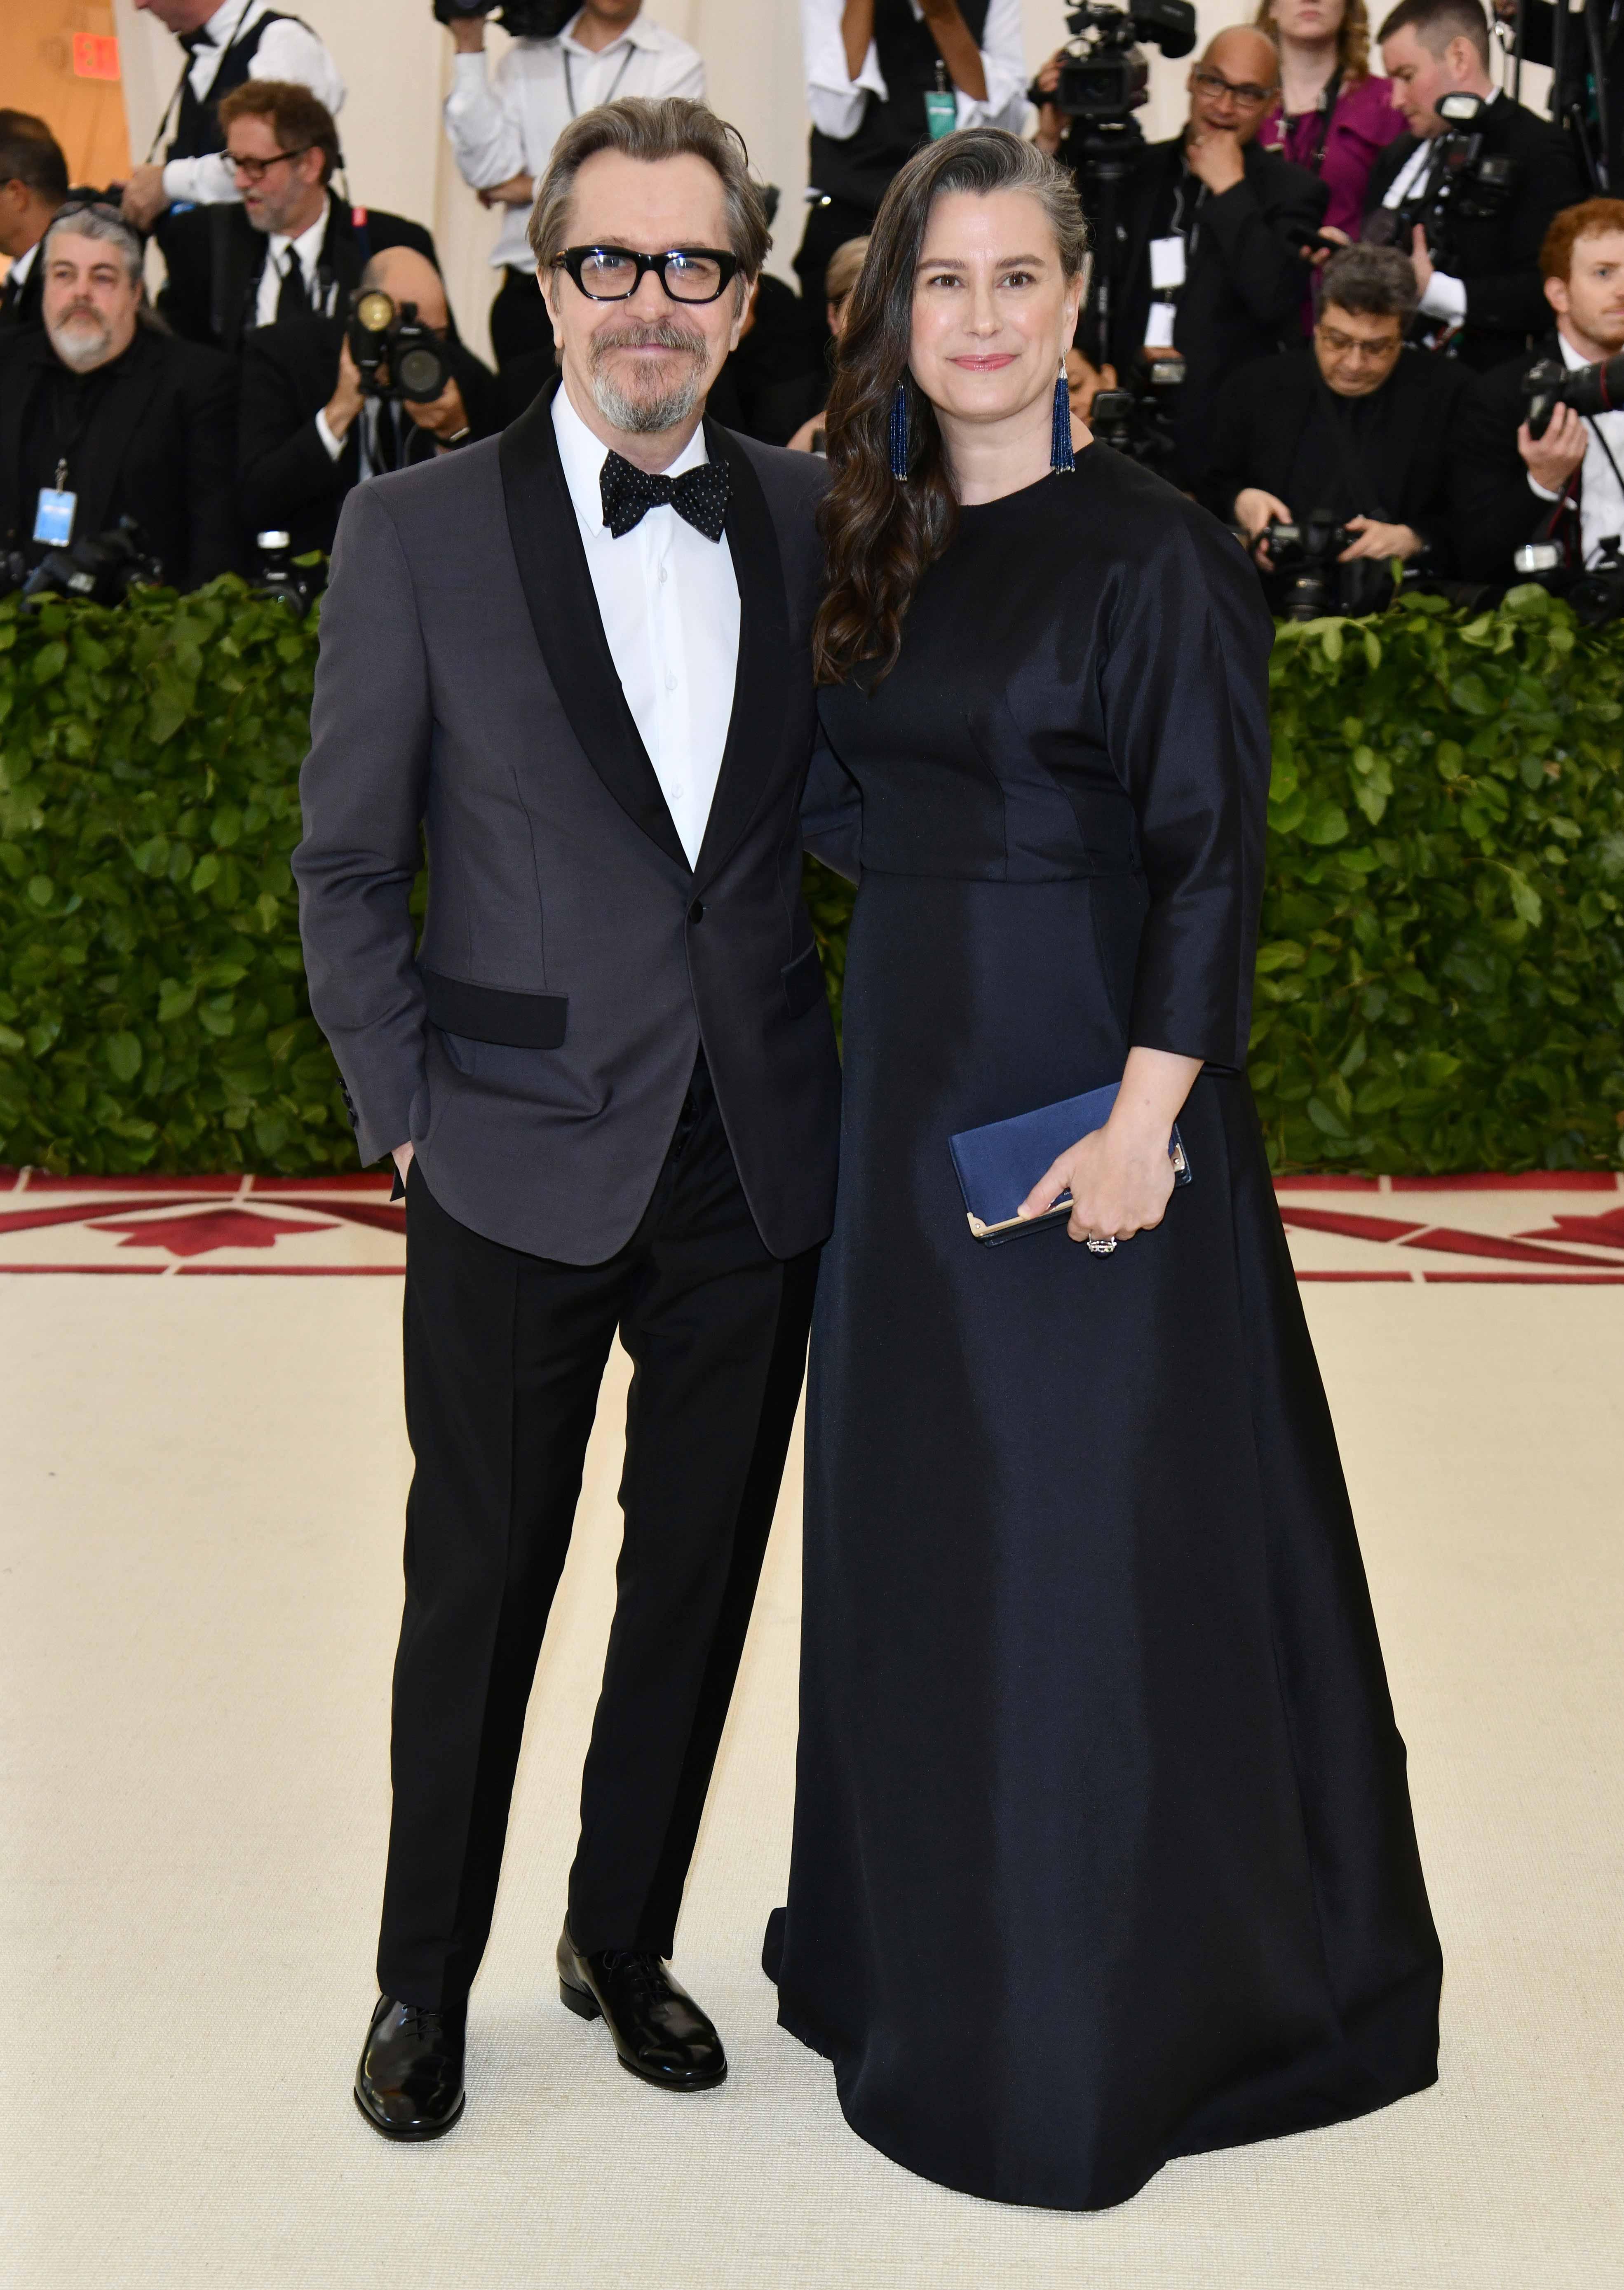 El ganador del Oscar, Gary Oldman, posa junto a su esposa Gisele Schmidt, con quien se casara en 2017, a su llegada a la gala del Museo Metropolitano de Nueva York. (Foto: AP)